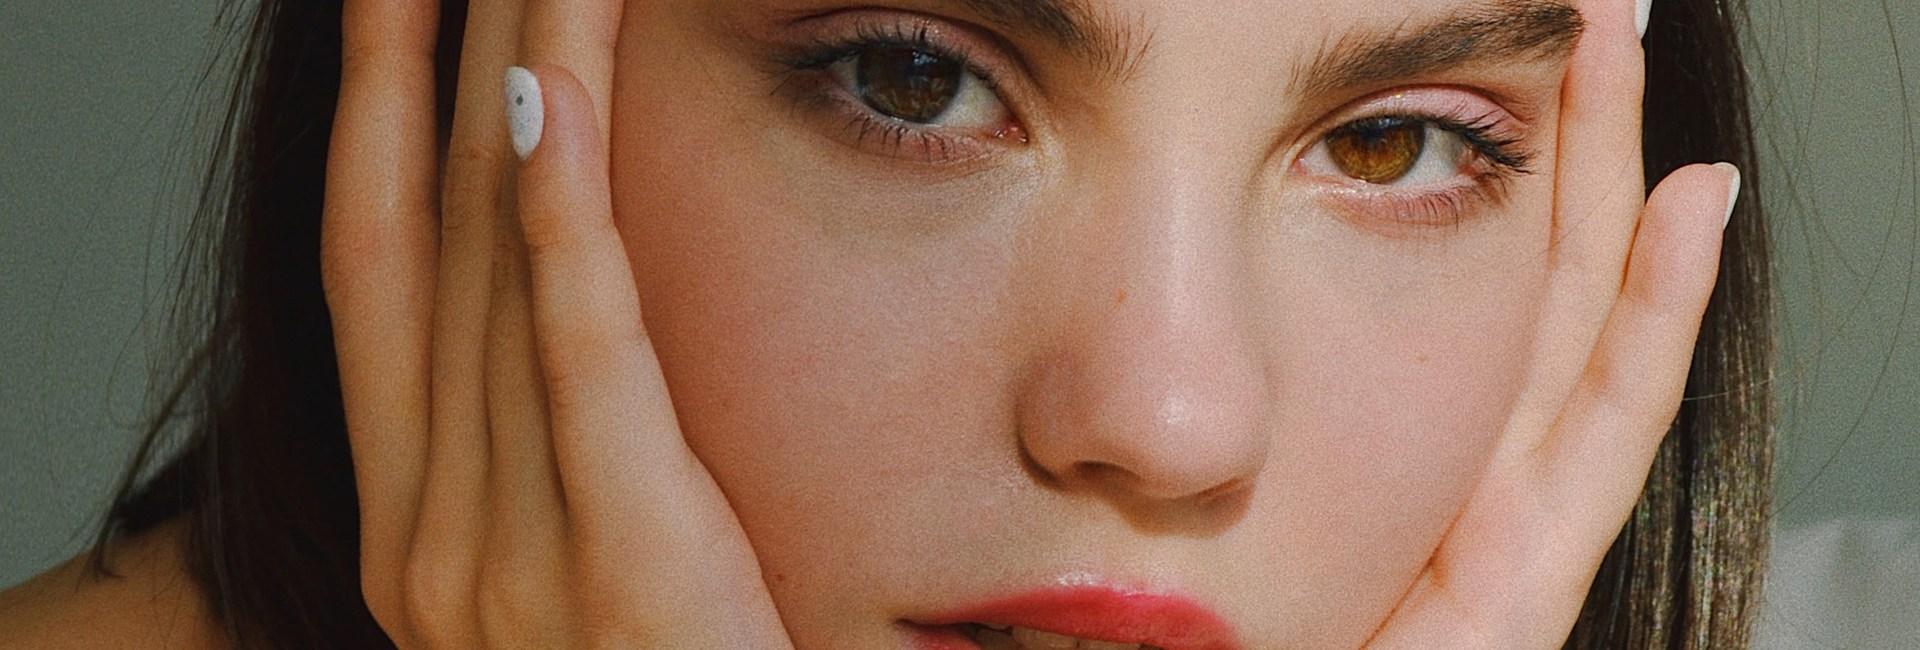 pourquoi-certains-cosmetiques-boulochent-sur-la-peau